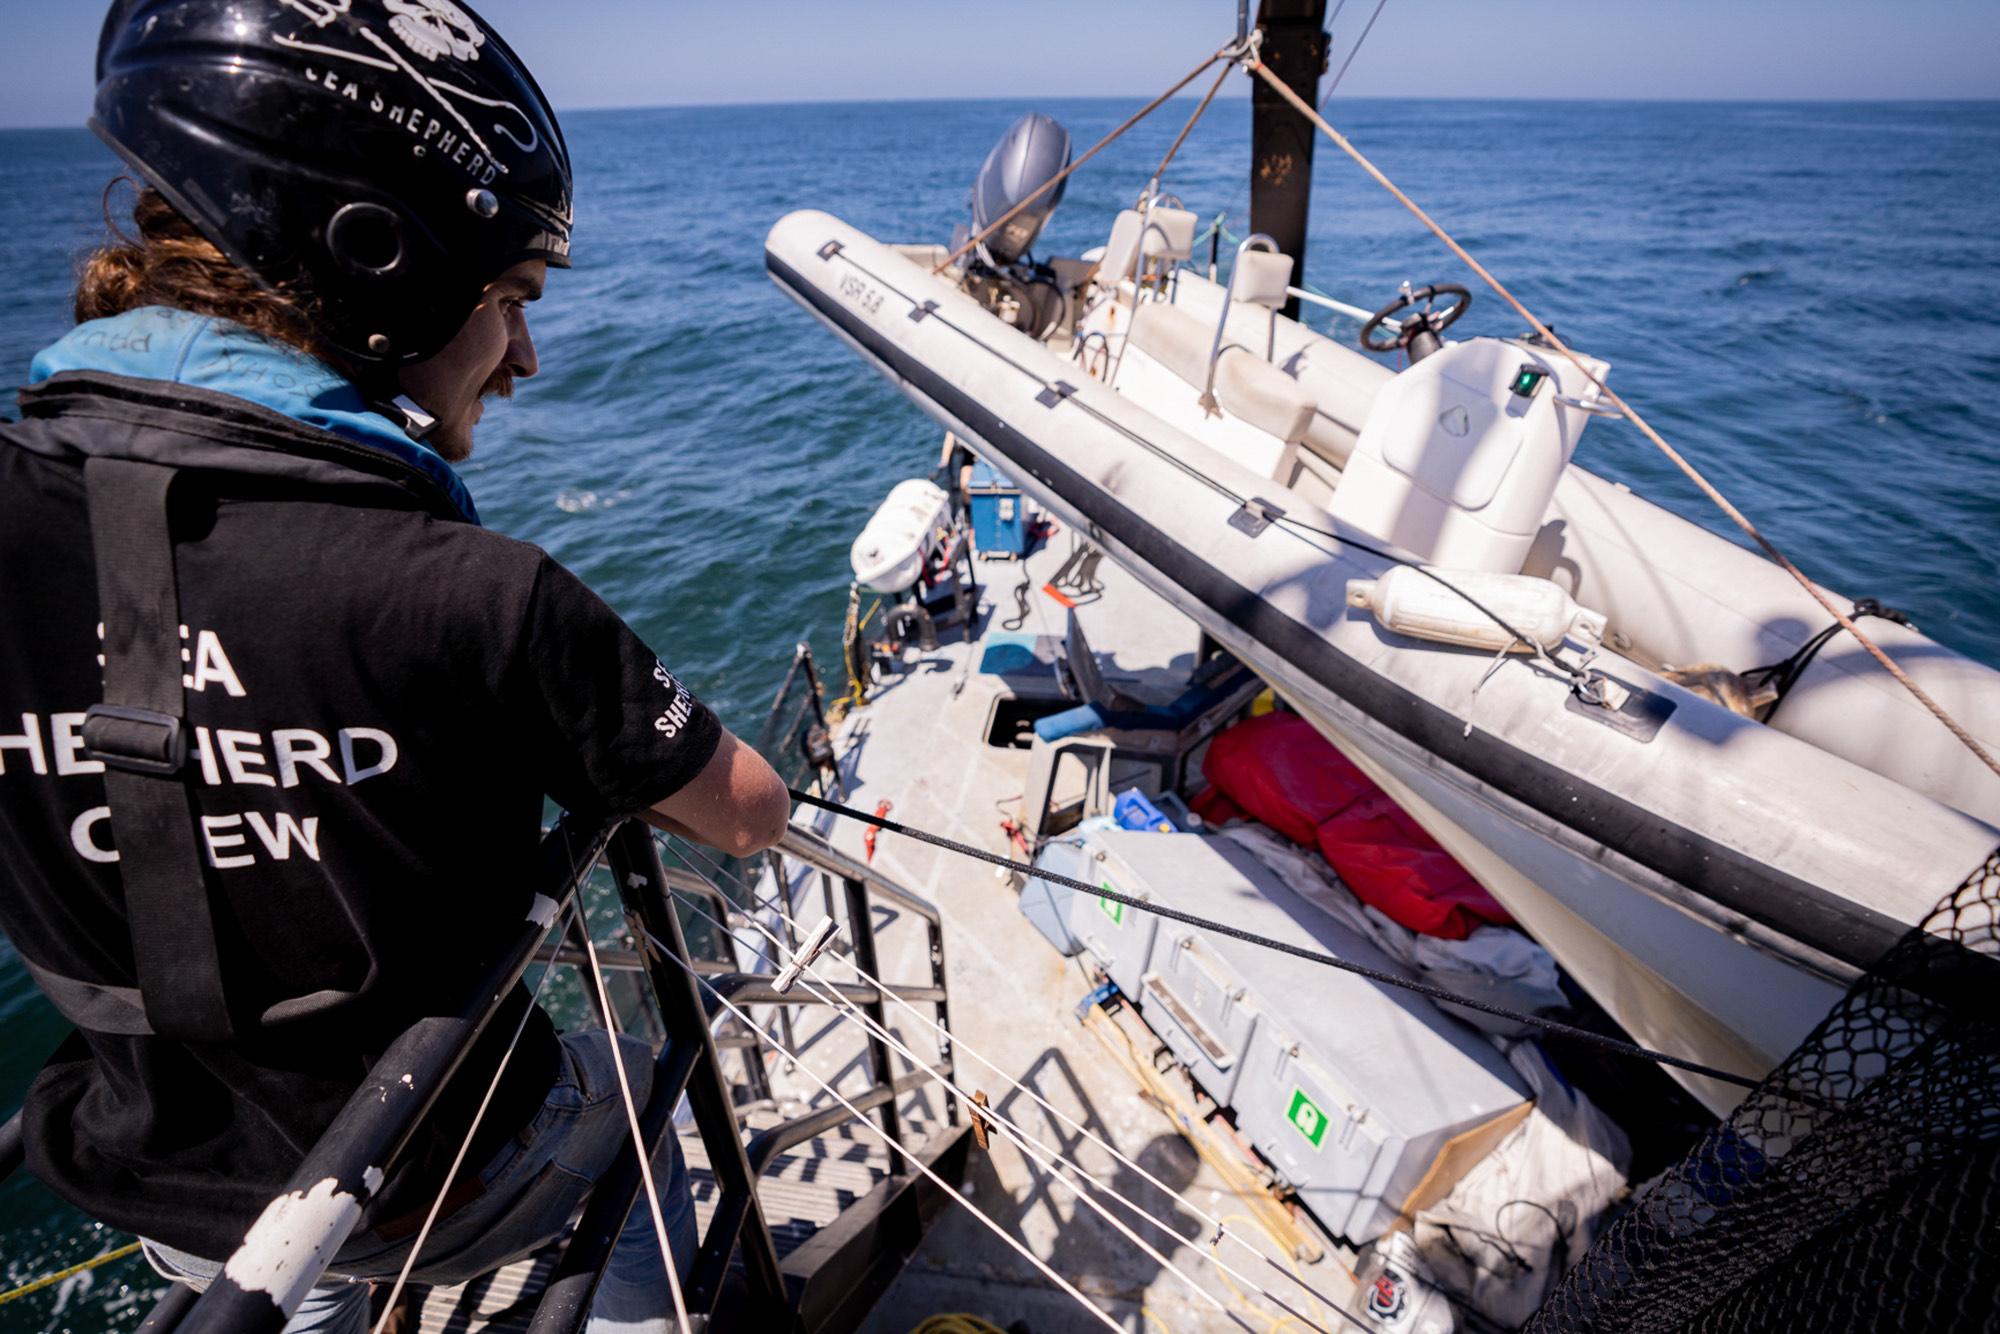 sea-shepherd-deckhand-working-line SEA SHEPHERD